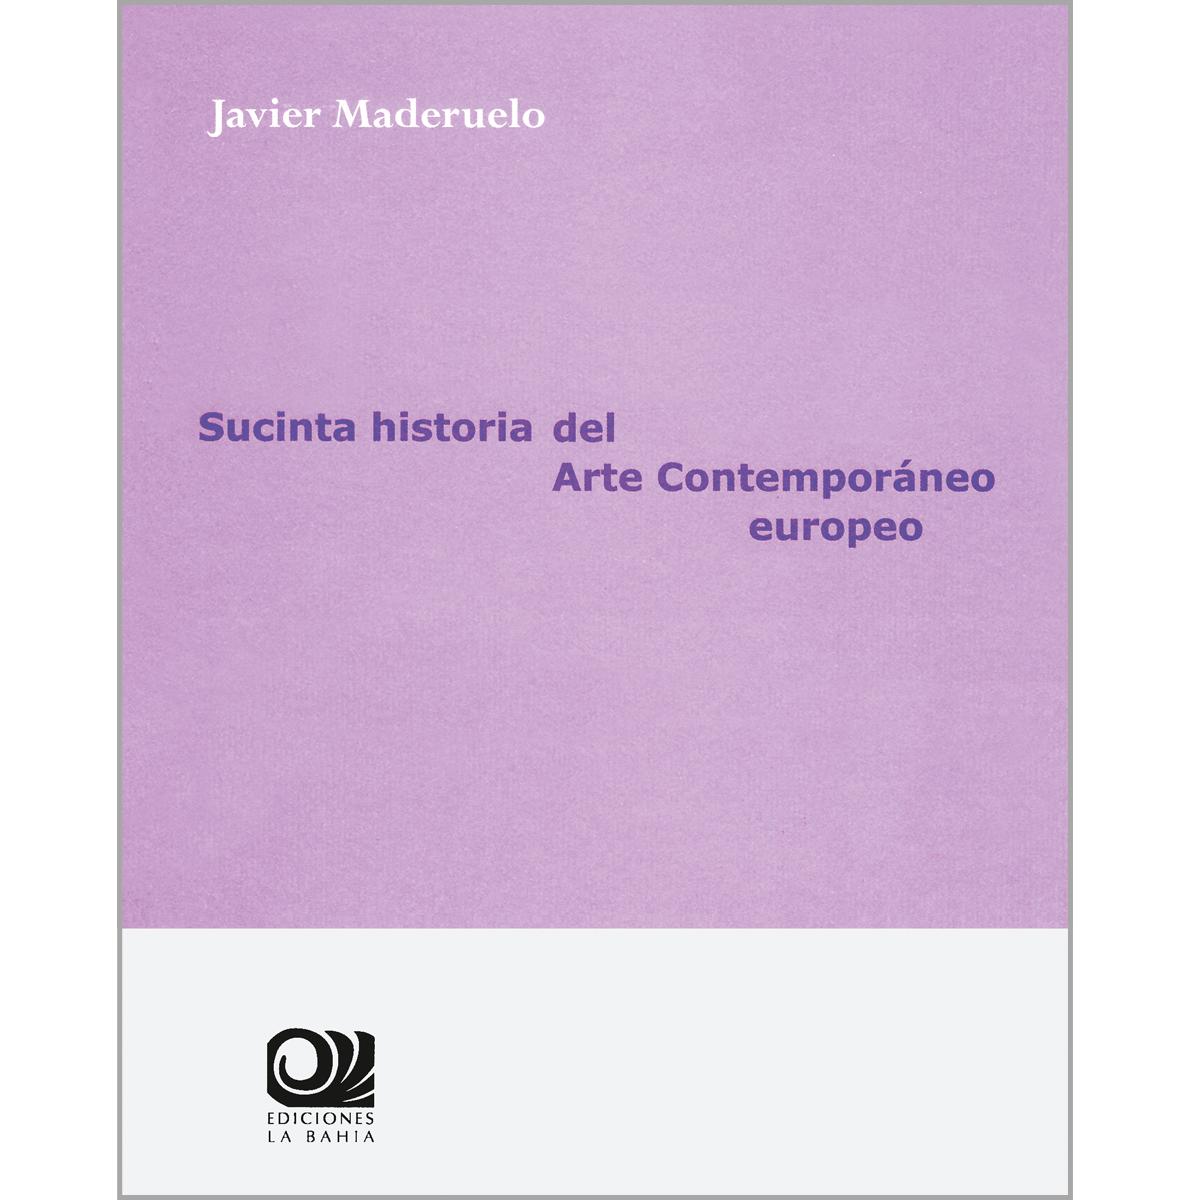 Sucinta historia del arte contemporáneo europeo